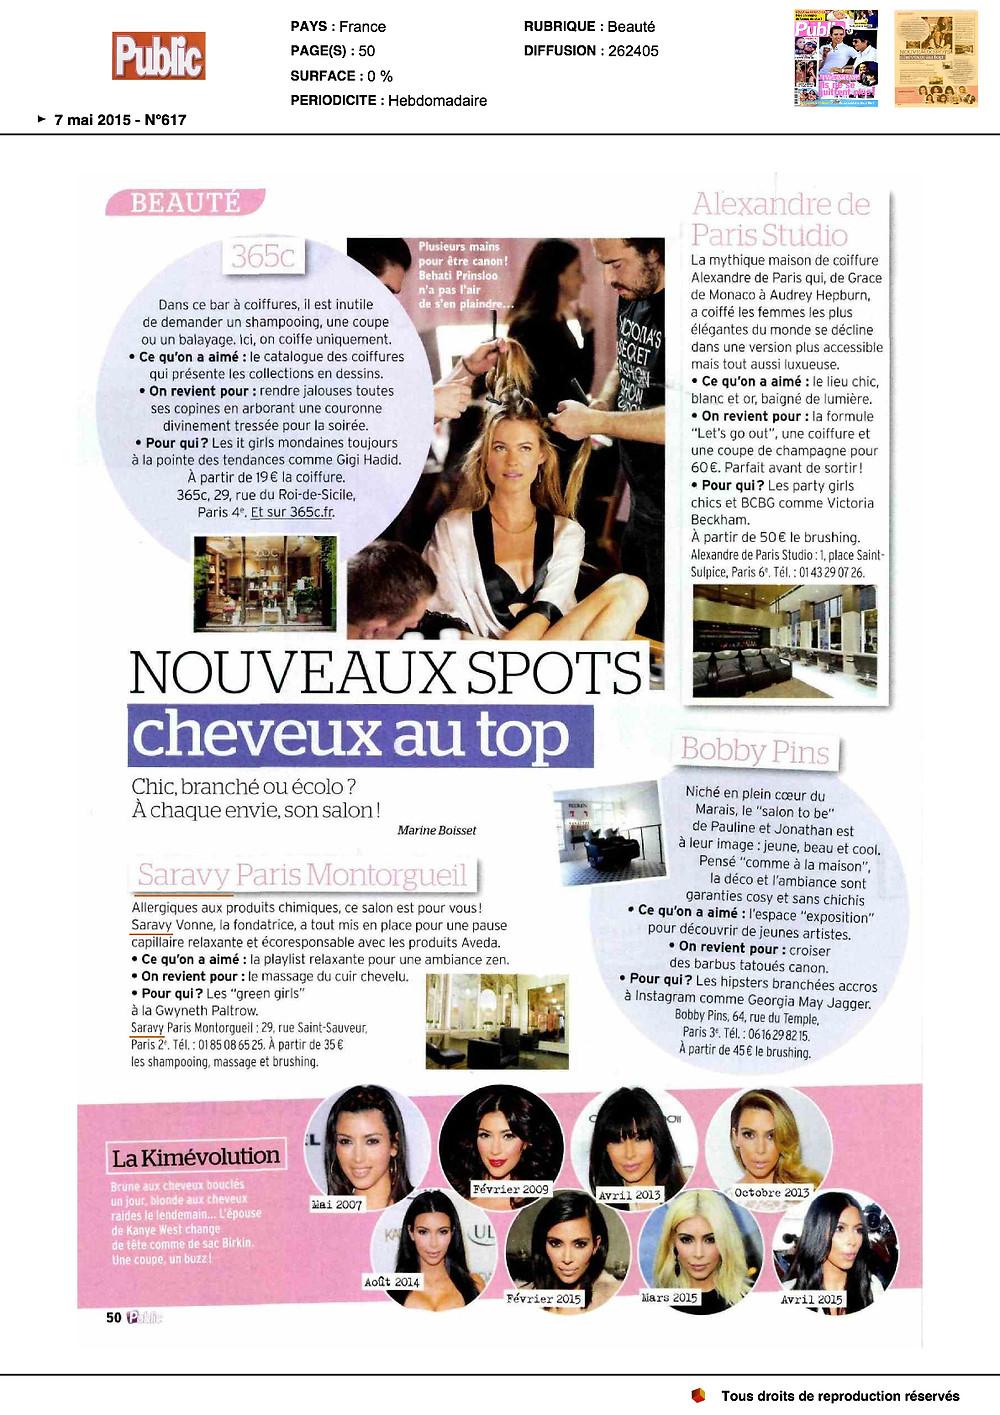 Saravy Paris dans le magazine Public